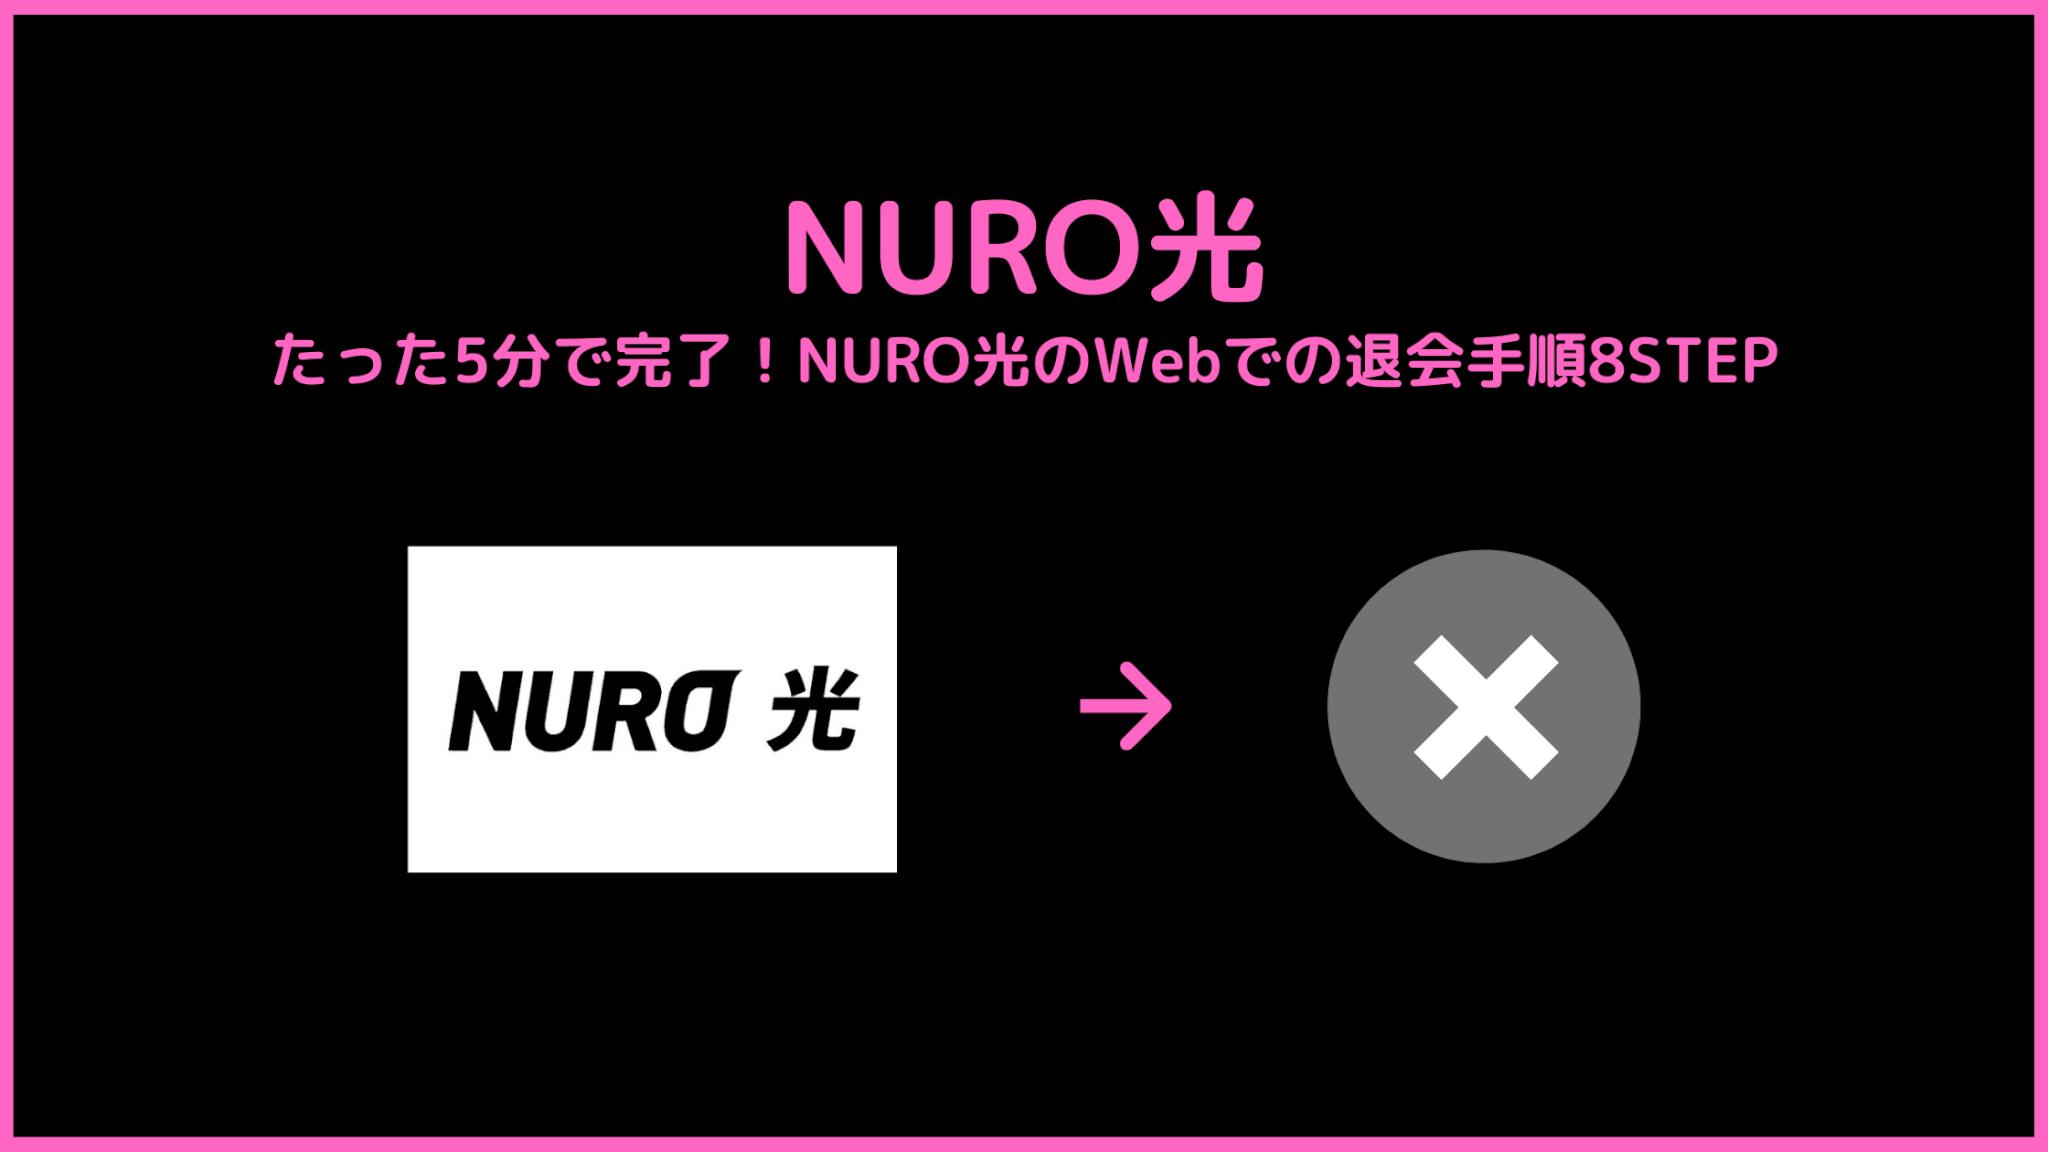 【超簡単】たった5分で完了!NURO光のWebでの退会手順8STEP